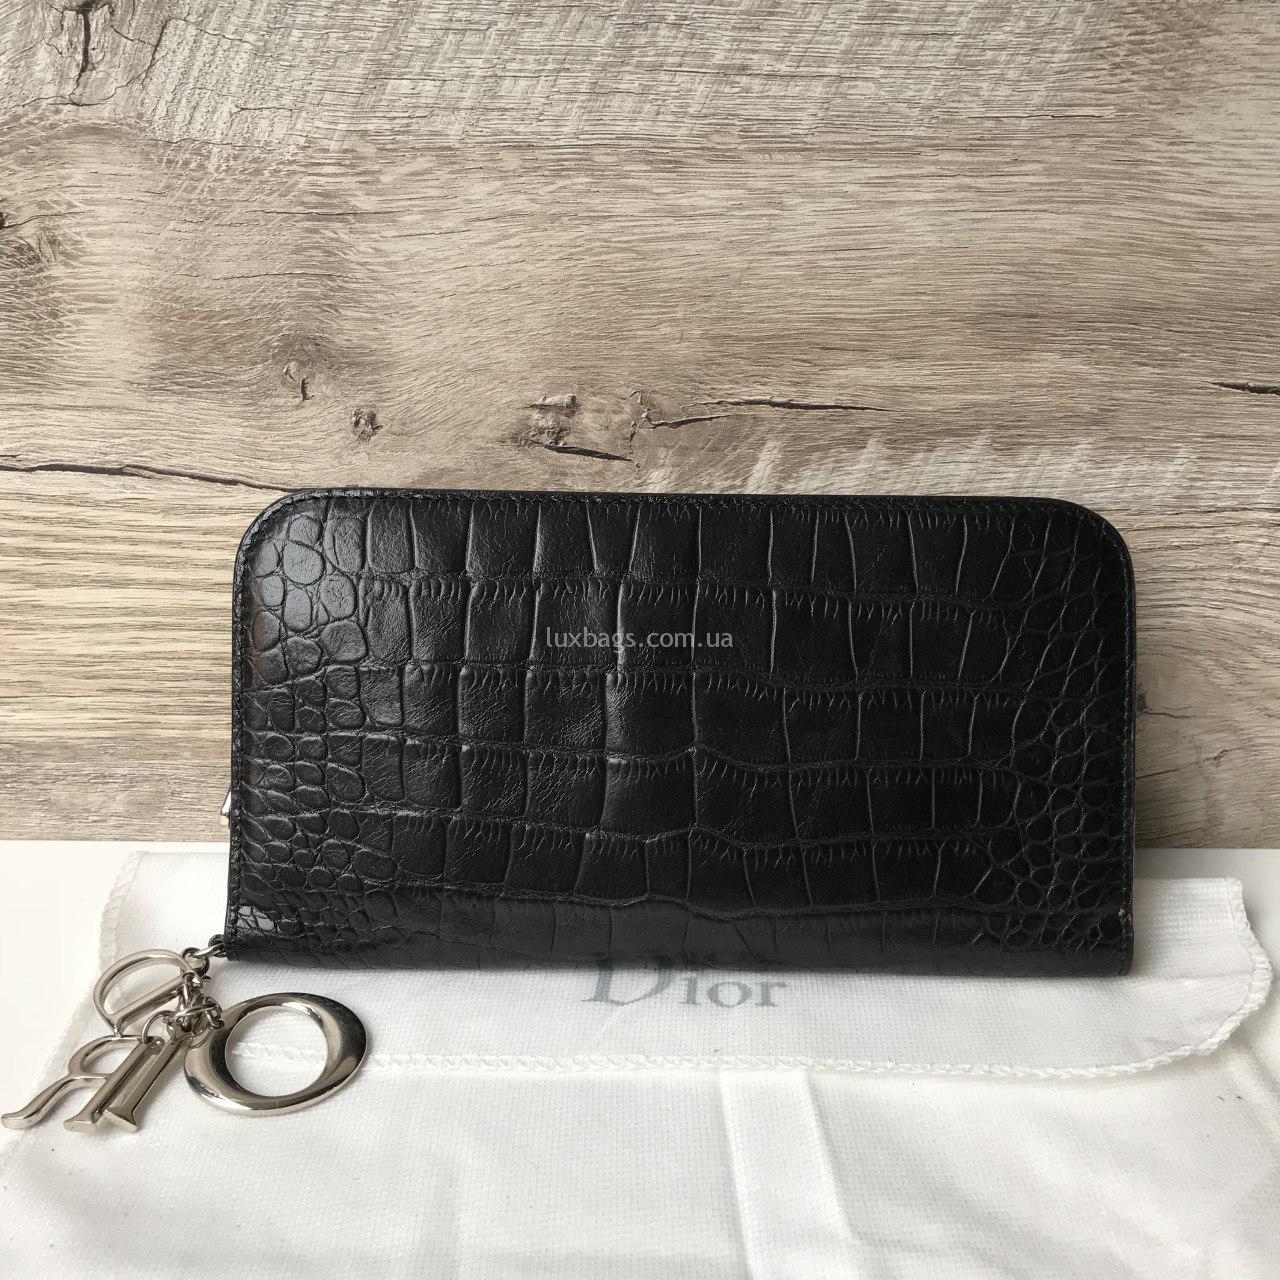 ... Кошельки   Женская красивый кошелек Dior Диор. 🔍. черный кожаный  кошелек кристиан диор f5d5b57f2e6